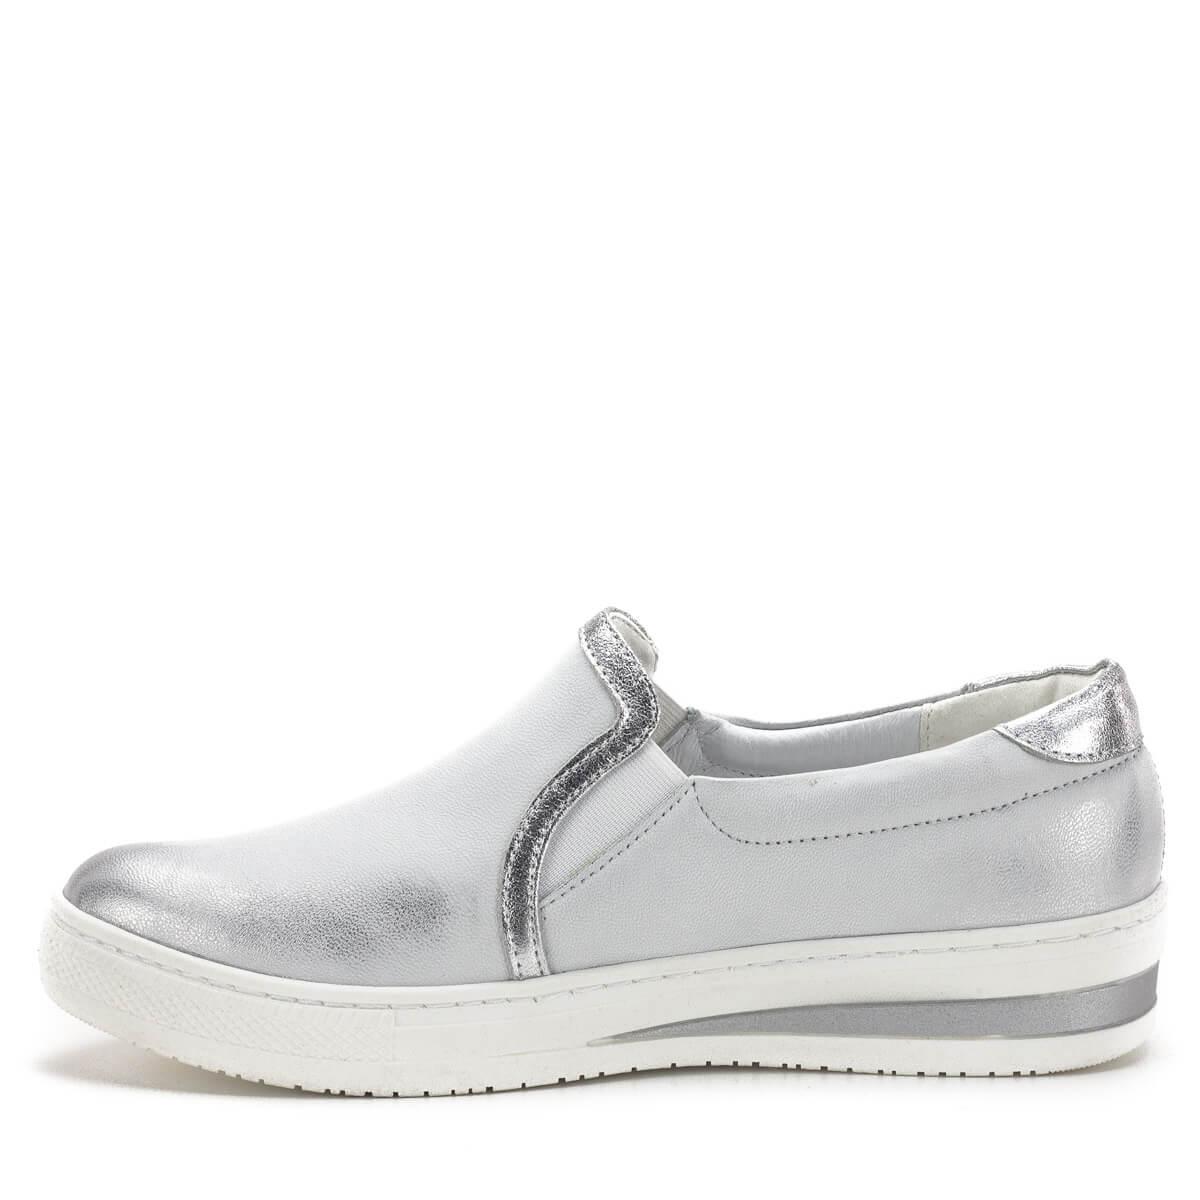 dae95089e4 Kényelmes zárt női cipő; Carla Ricci cipő fehér-ezüst színben, vastag gumi  talppal. Kényelmes zárt női cipő ...